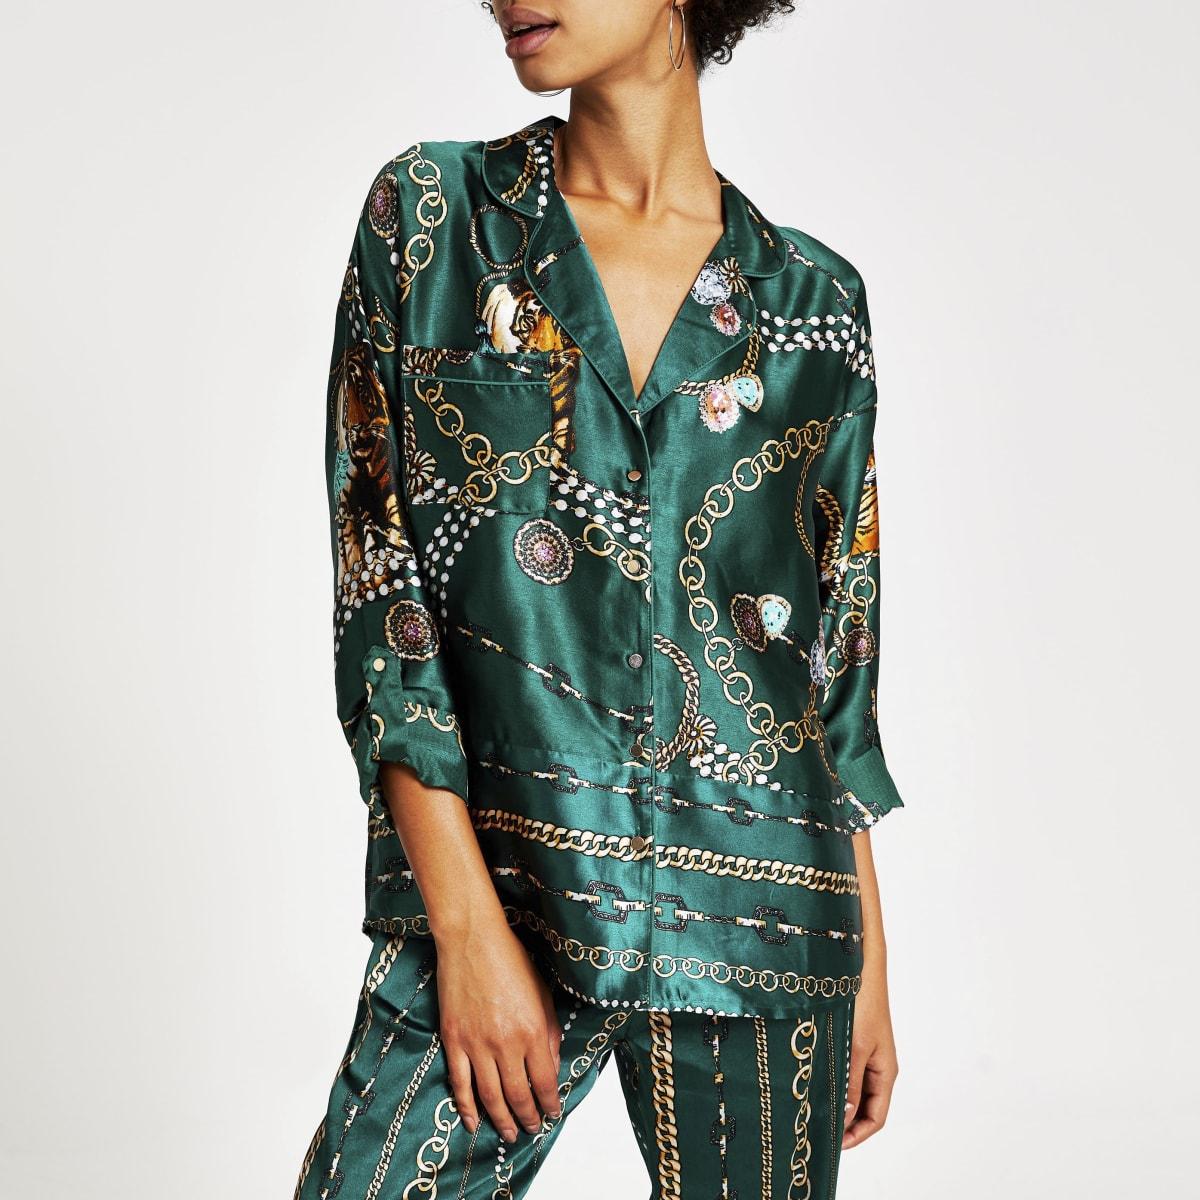 Groen satijnen twinning pyjamashirt met print